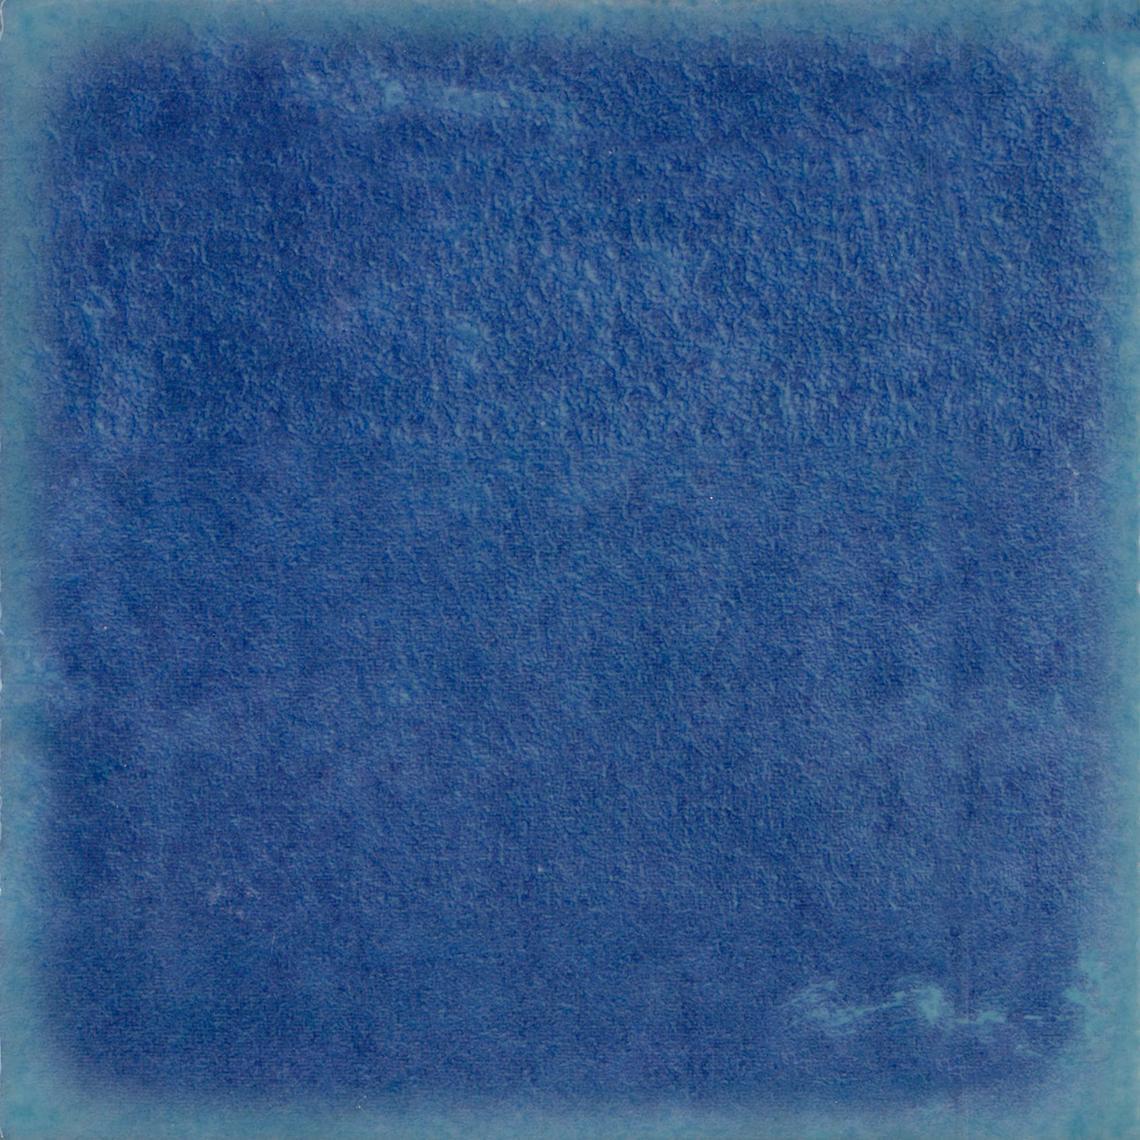 ESSENZA BLUE SHINY (15x15)